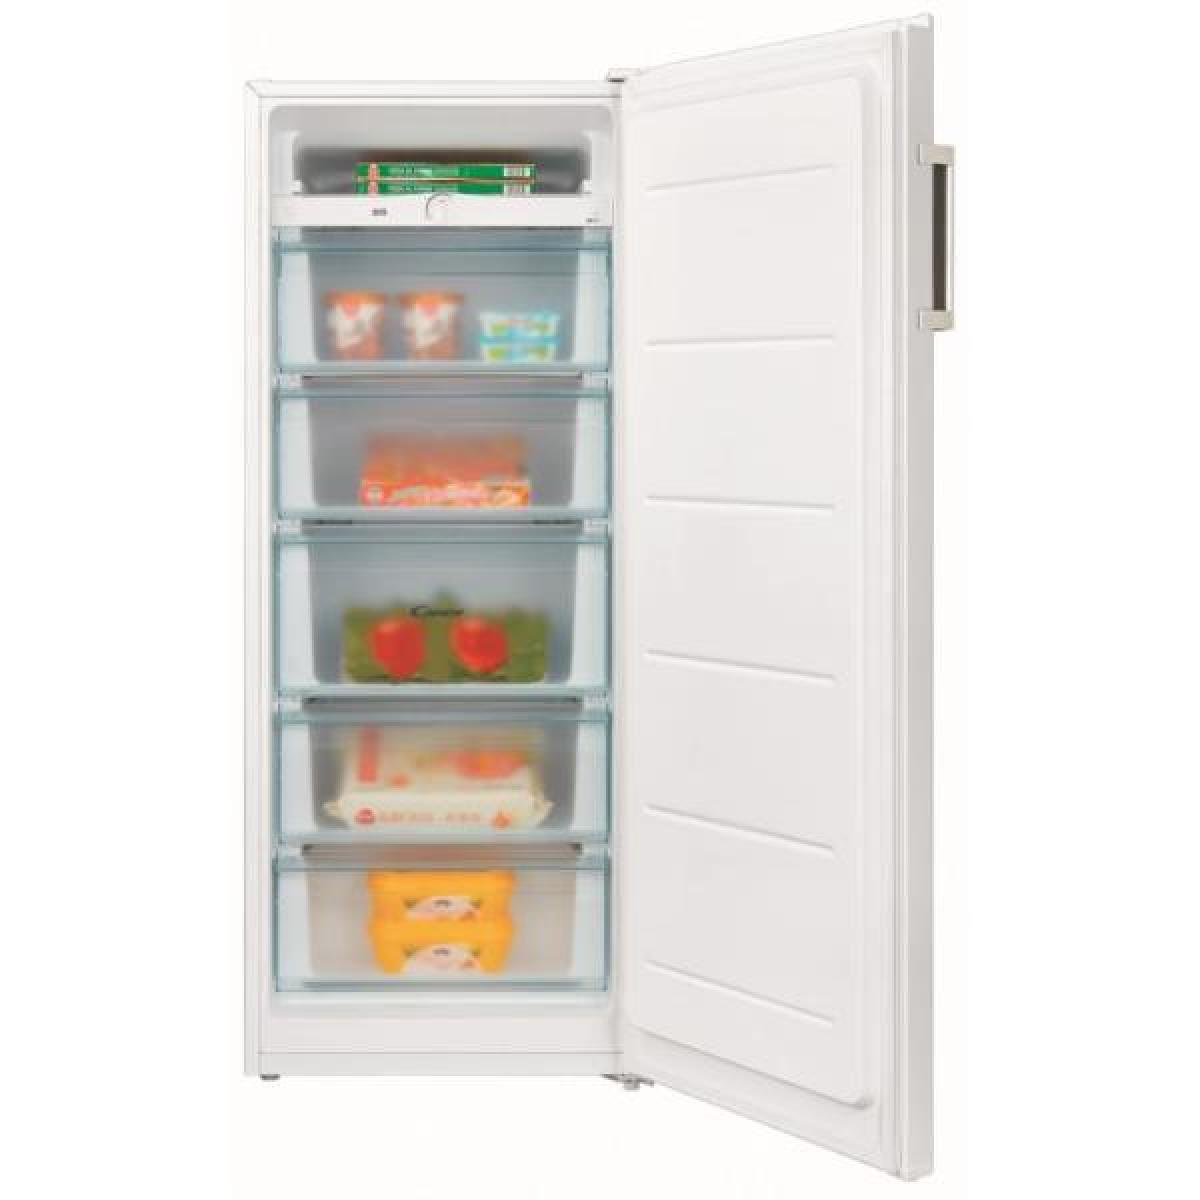 Candy Congélateur armoire 165L CANDY 55cm A+, CMIOUS5142WH/N